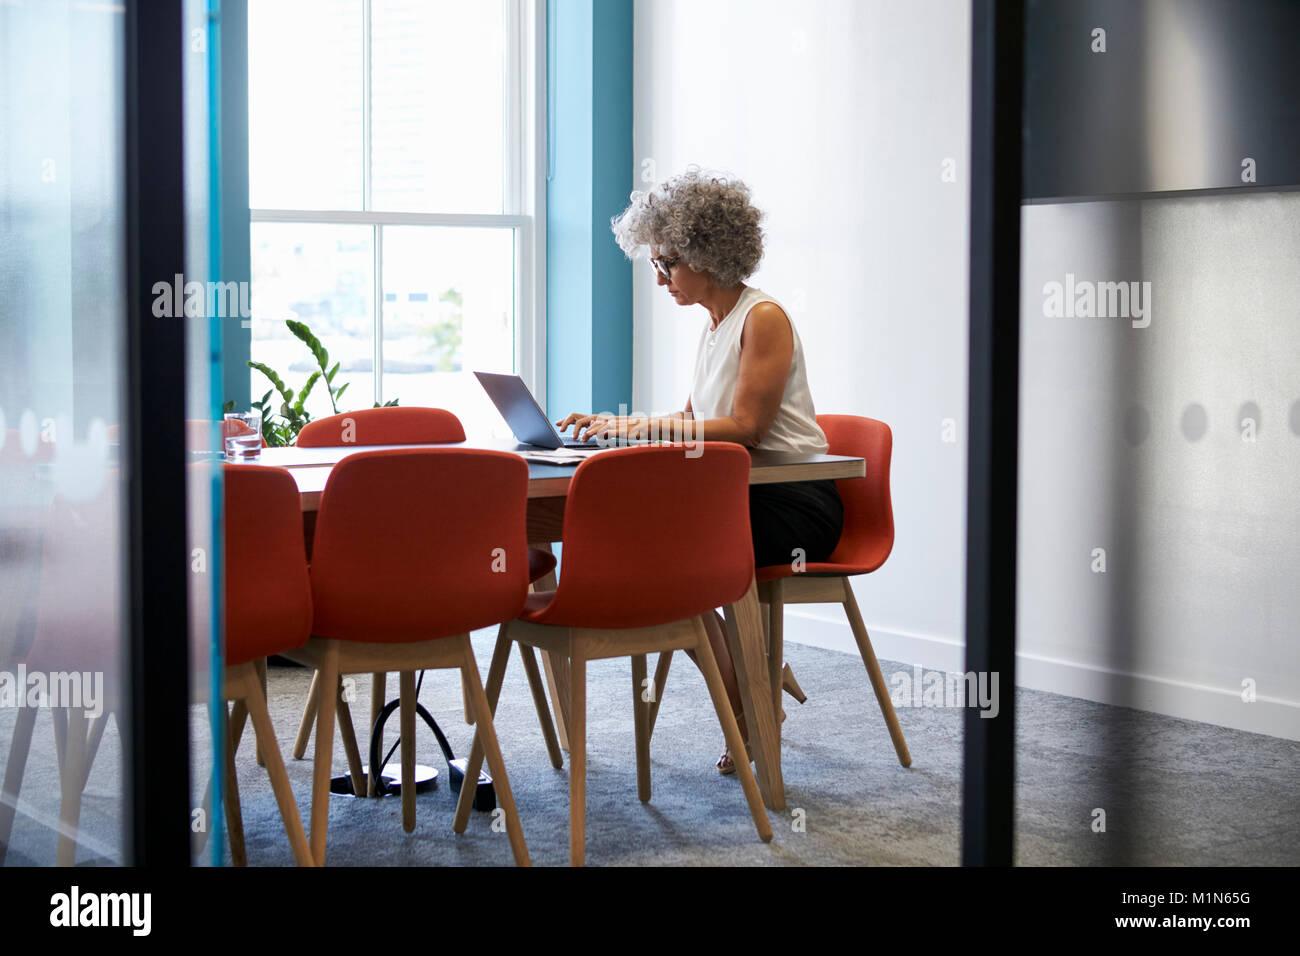 Donna di mezza età che lavorano da soli in office boardroom Immagini Stock